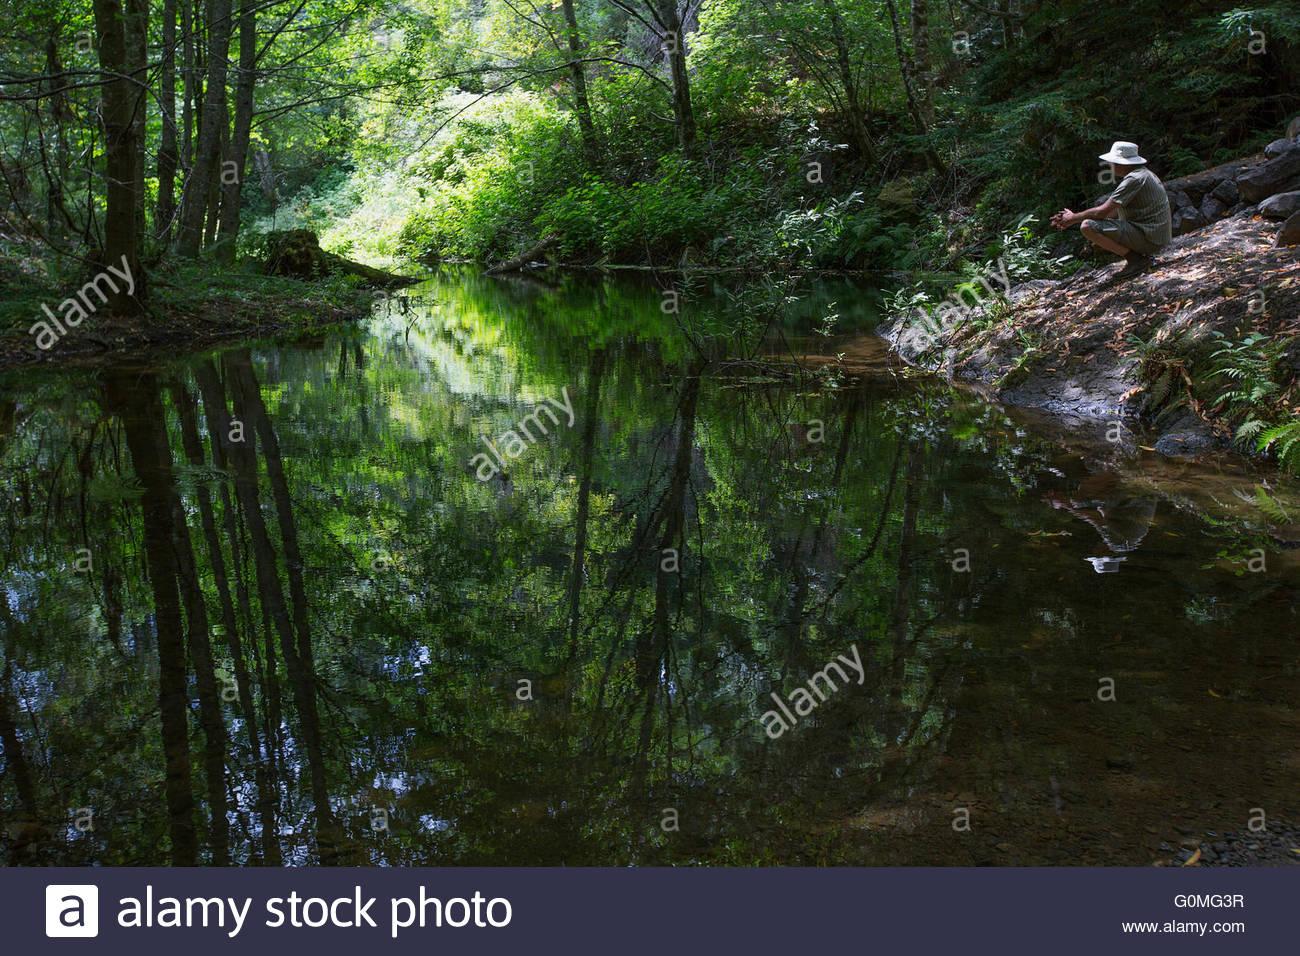 L'uomo accovacciato a lago calmo nei boschi Immagini Stock